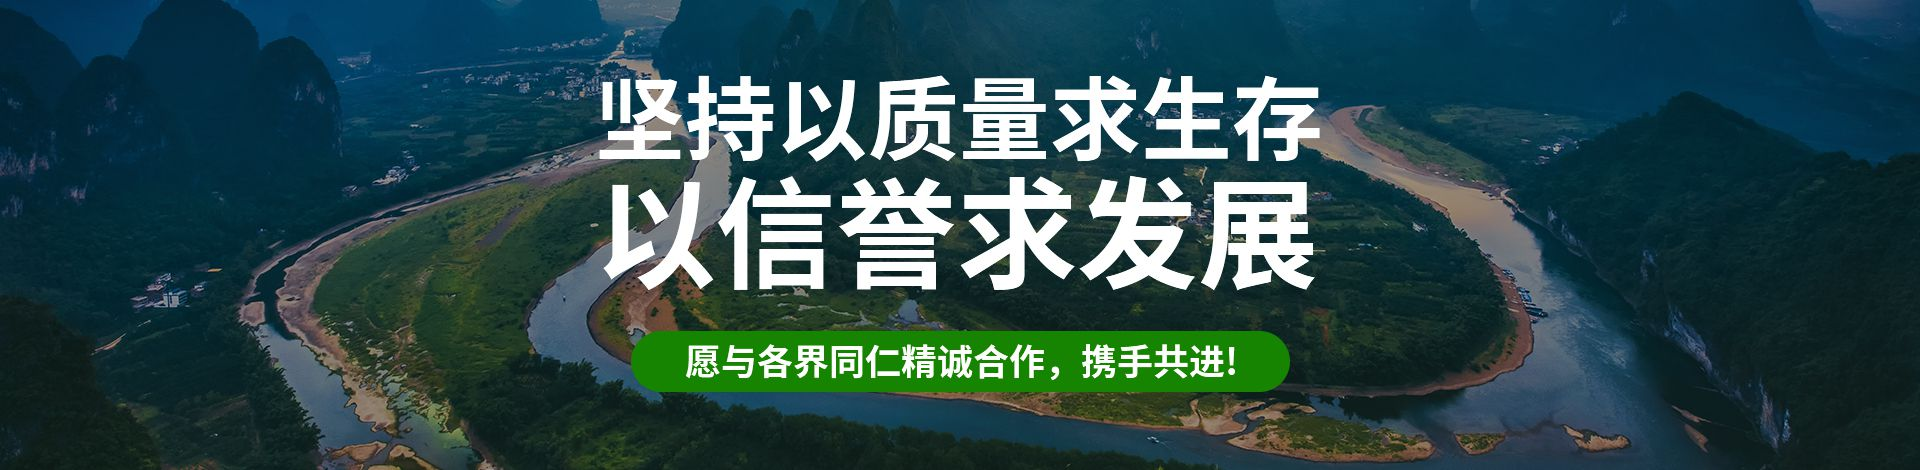 江西省五丰陶瓷有限公司